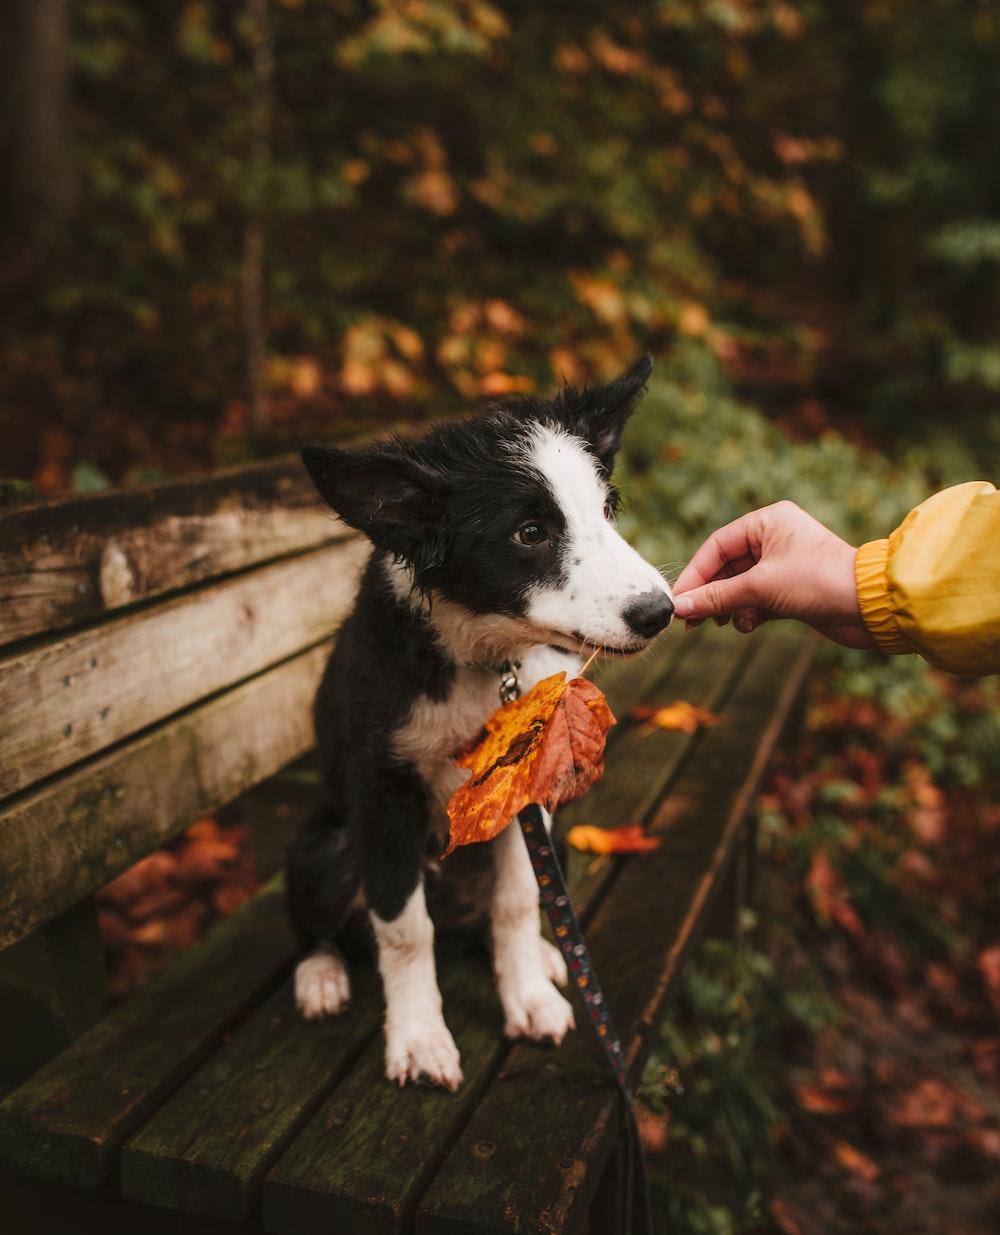 short-coated white and black dog biting orange leaf